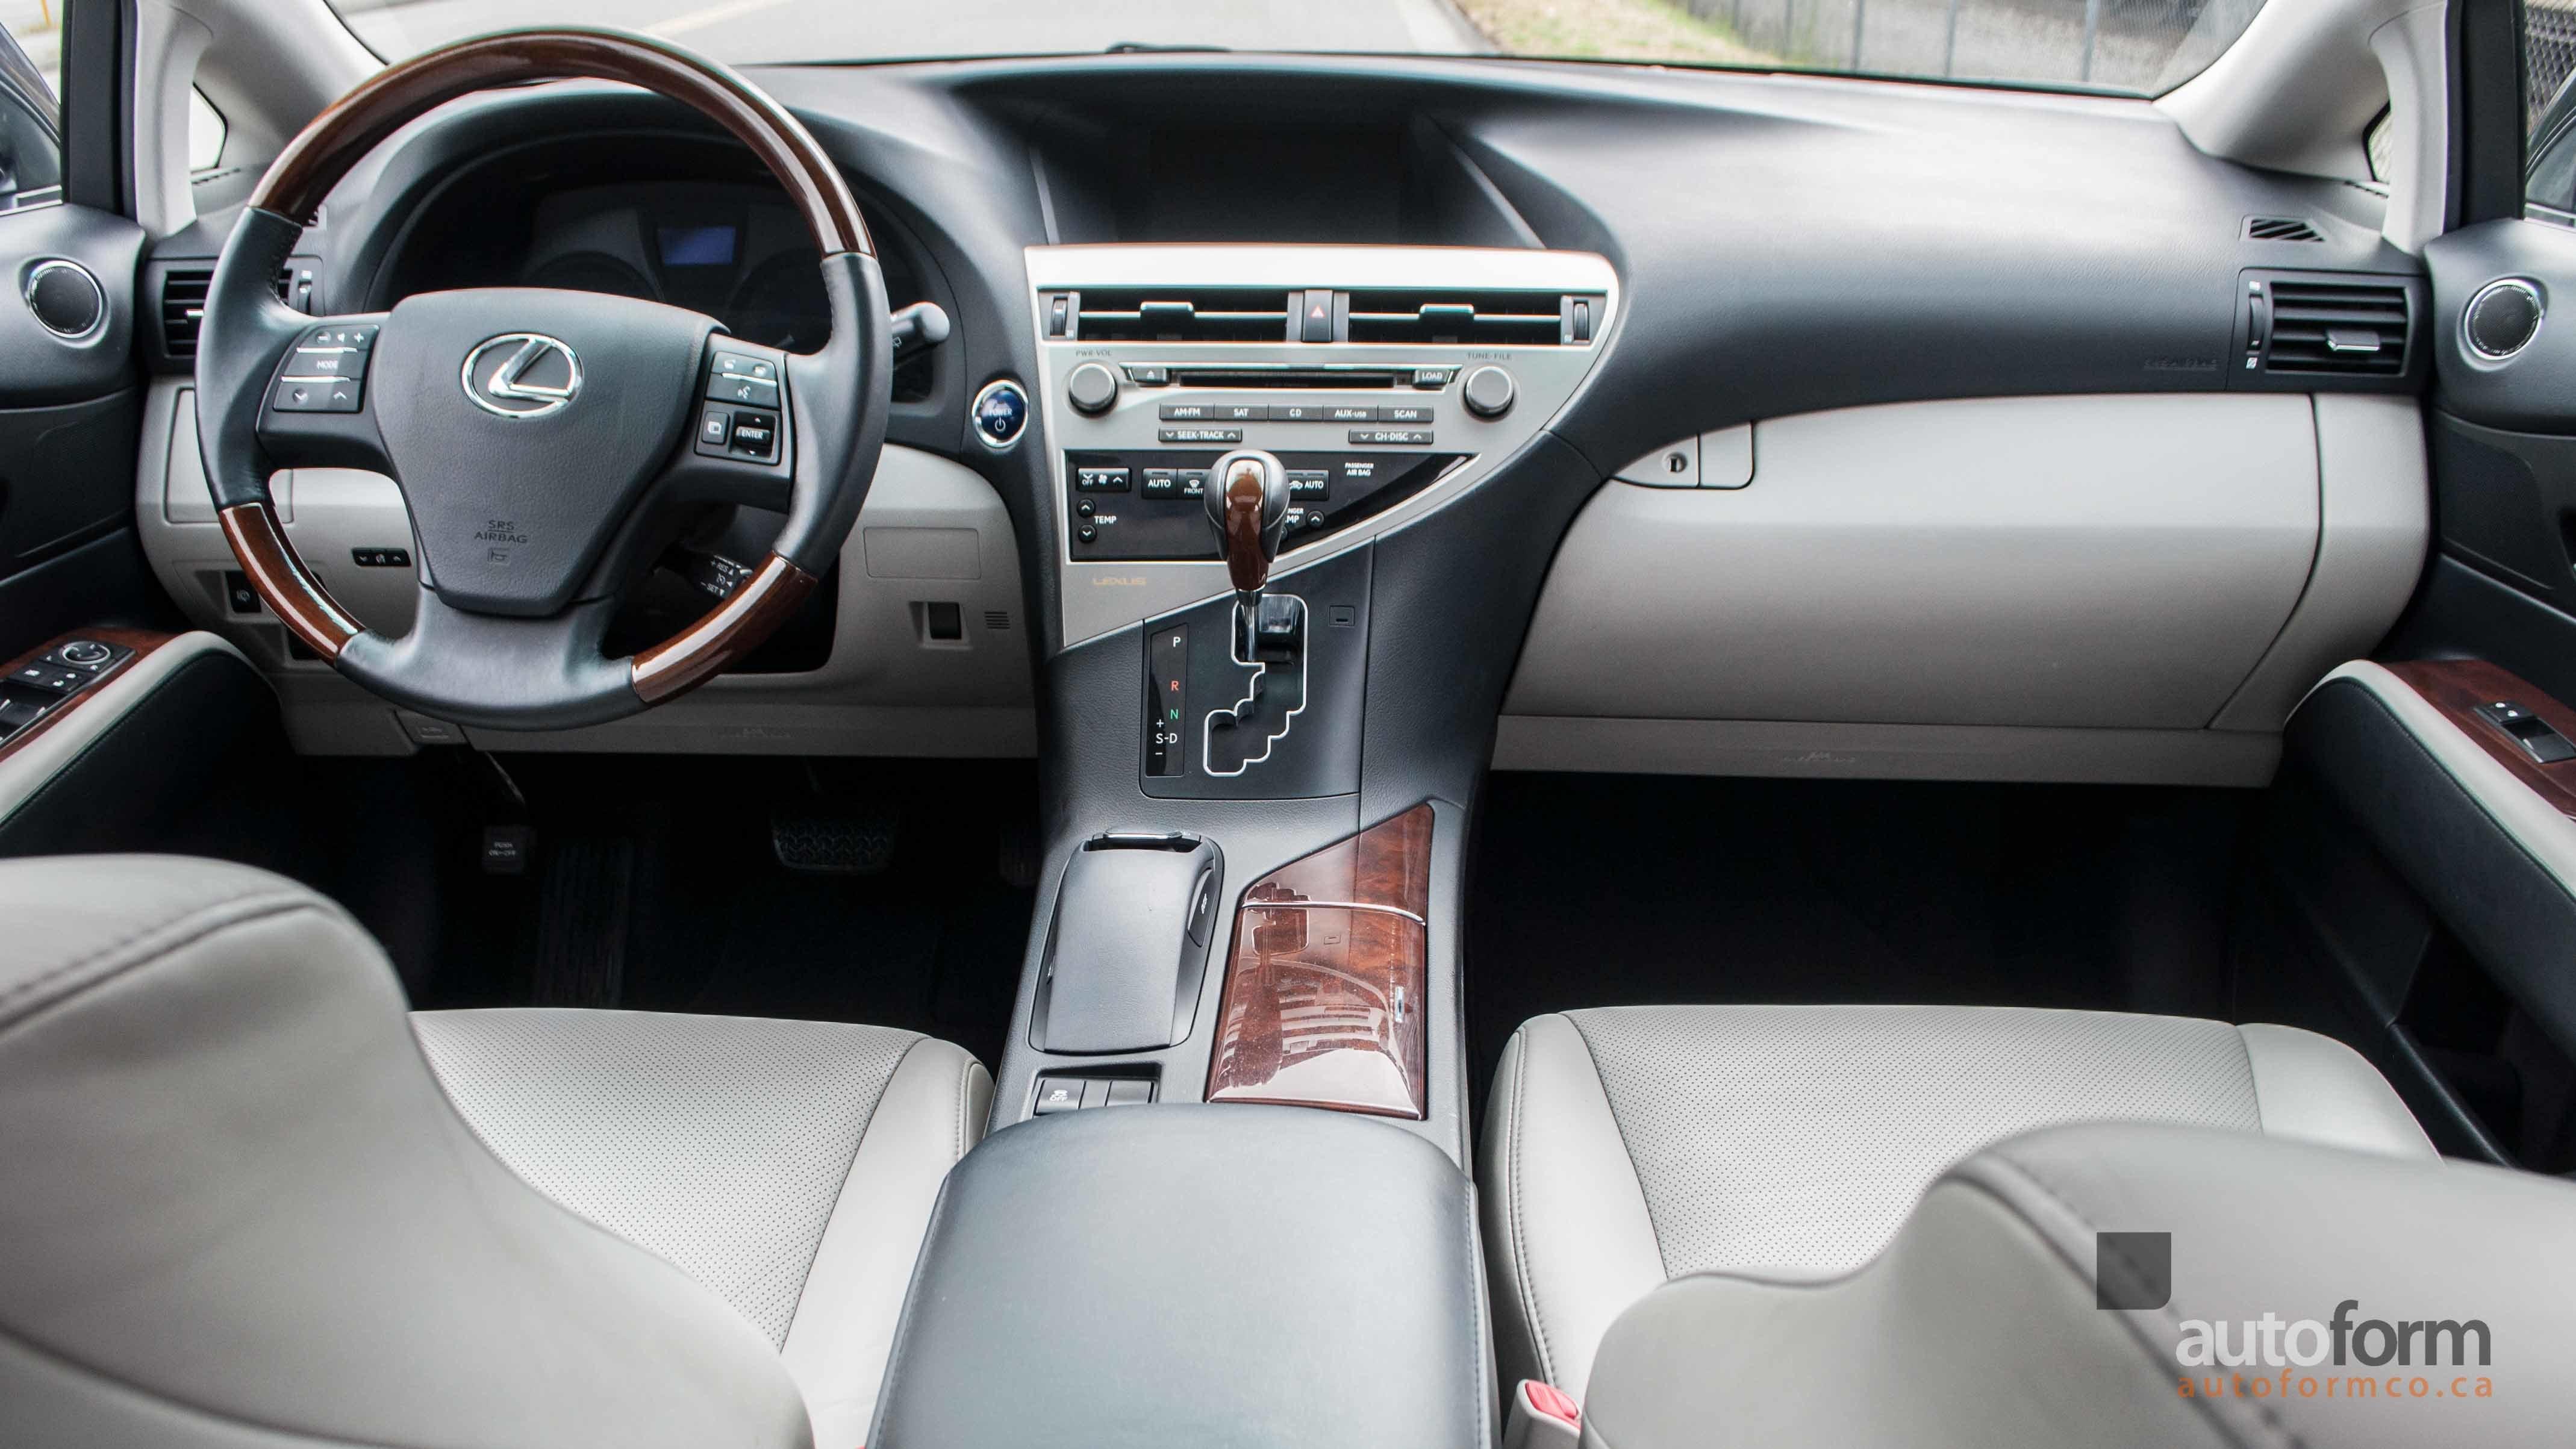 hybrid lease awd vehicles rx vancouver lexus autoform